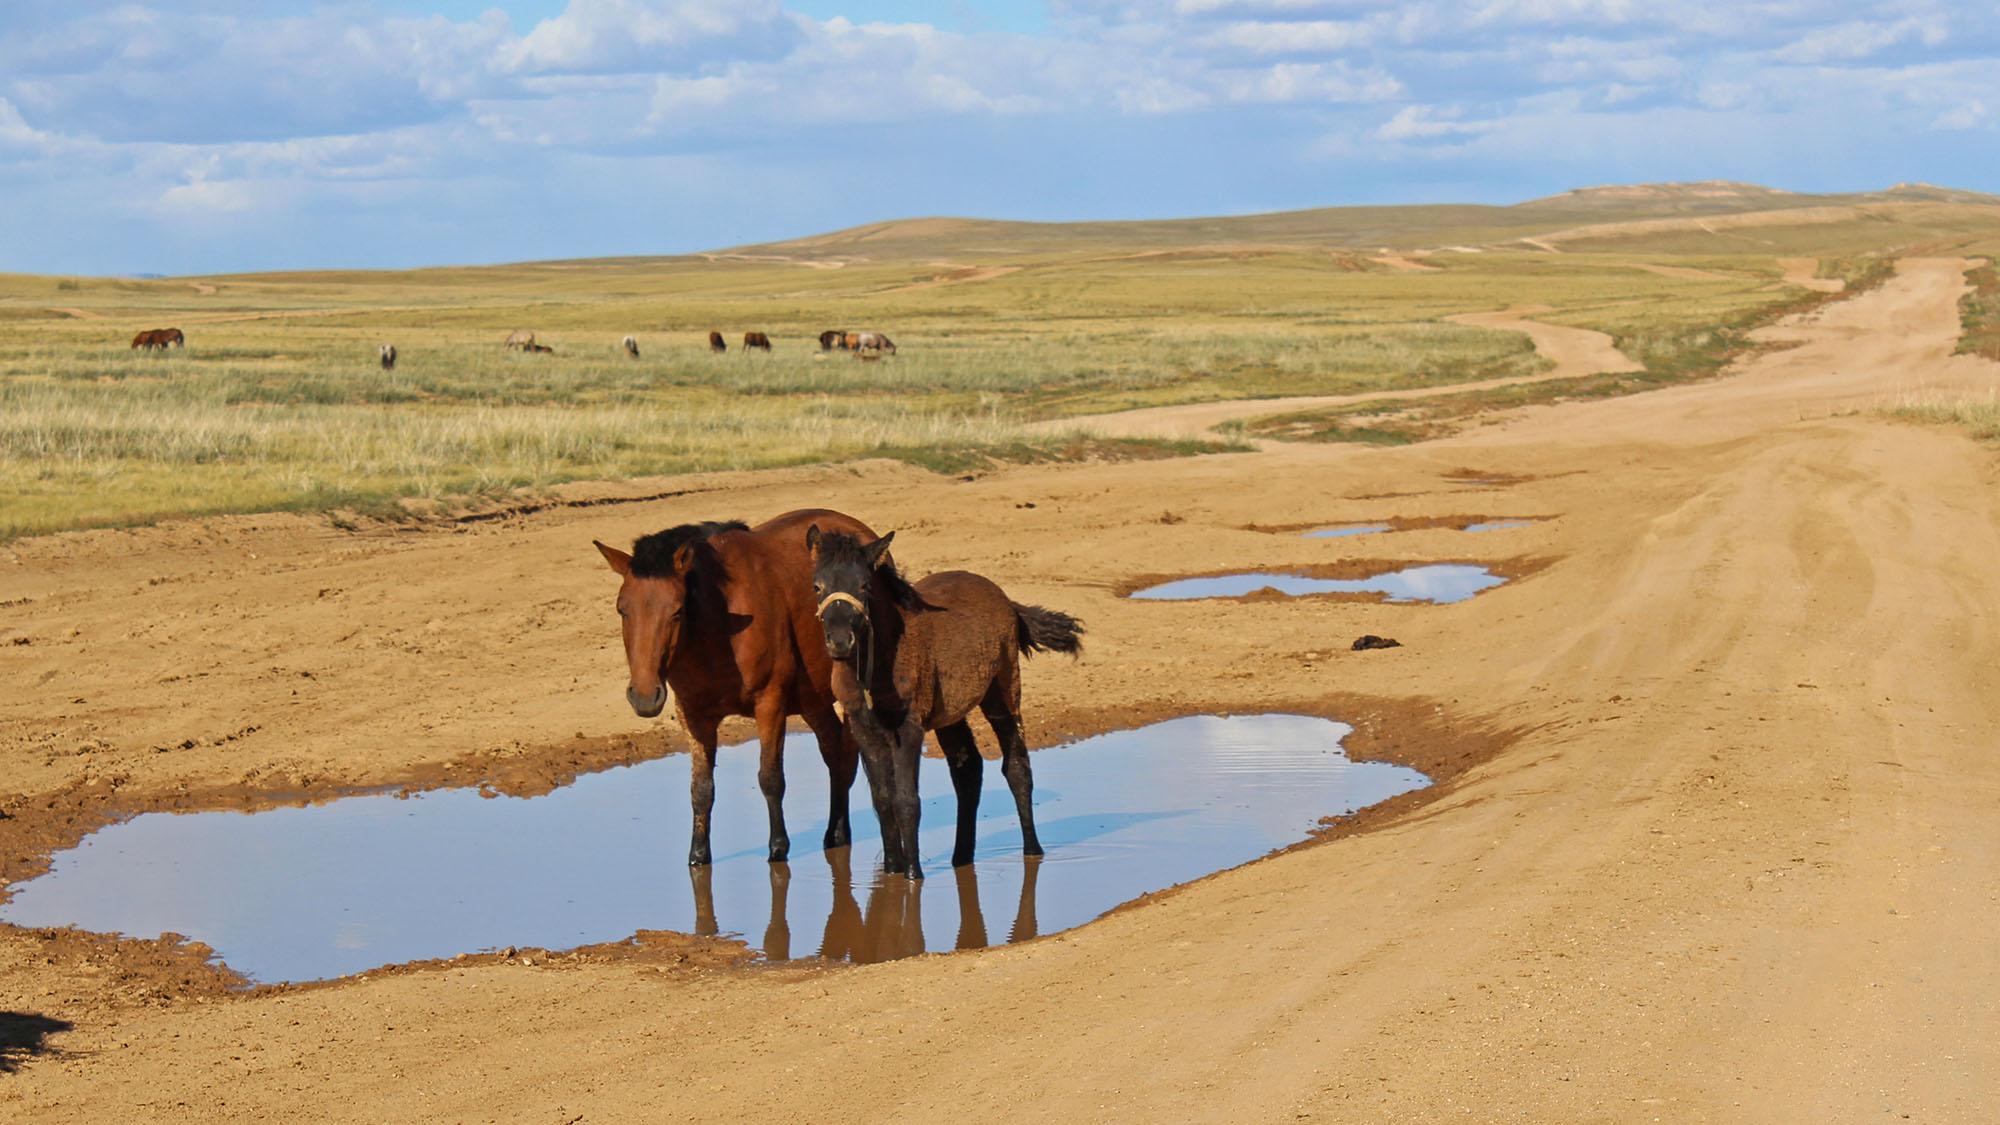 Vakre hester og steppelandskap - og grusveier så langt øyet rekker. Det er Mongolia! Foto: Gro H Andersen